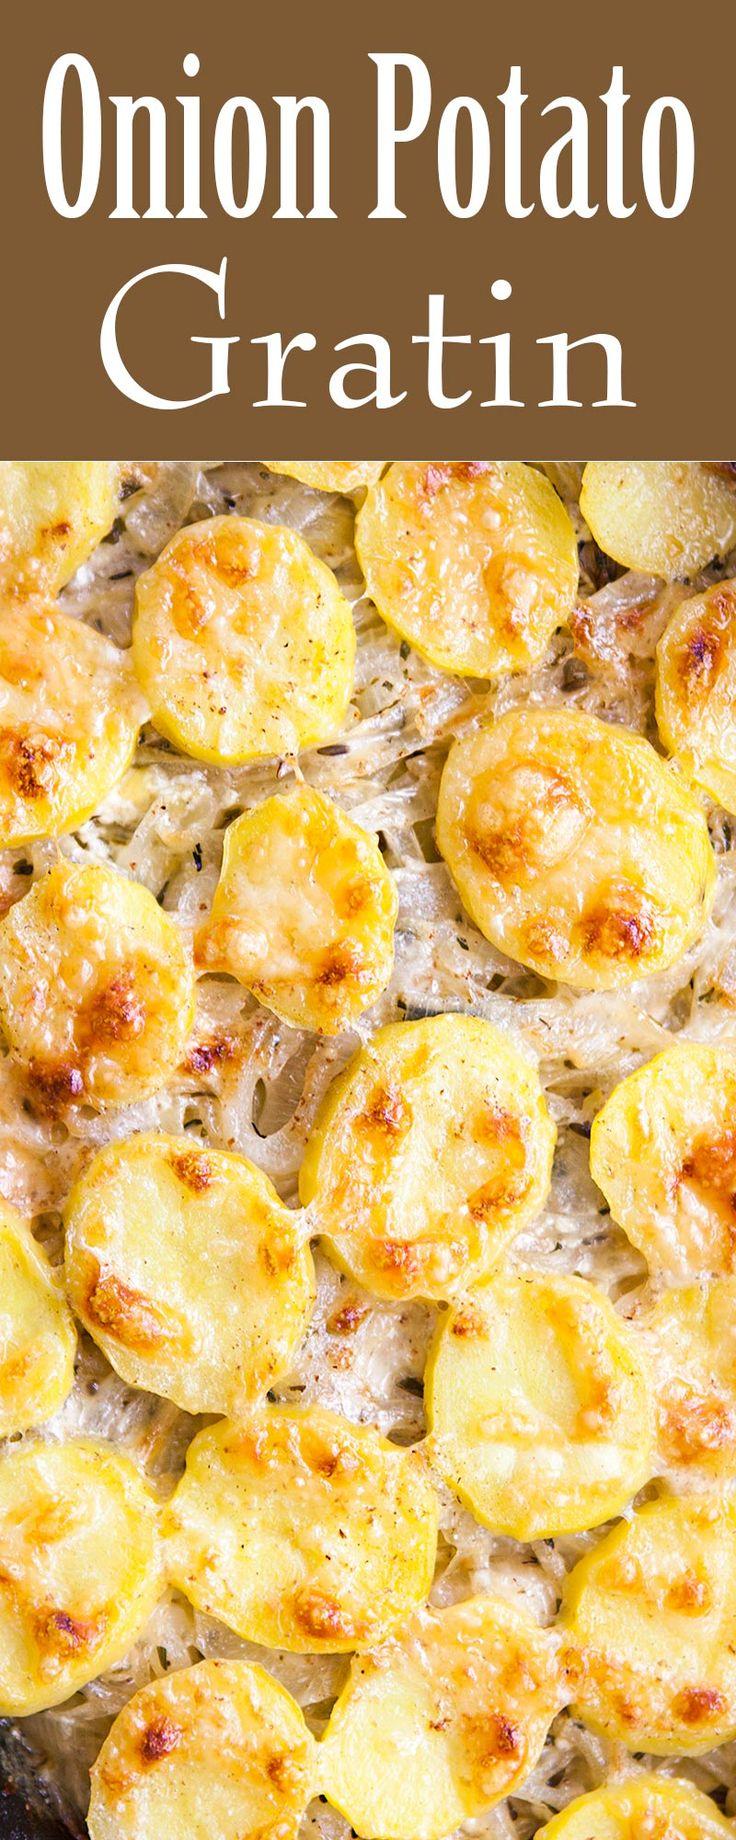 Best 25+ Yukon gold potatoes ideas on Pinterest | Gold ...